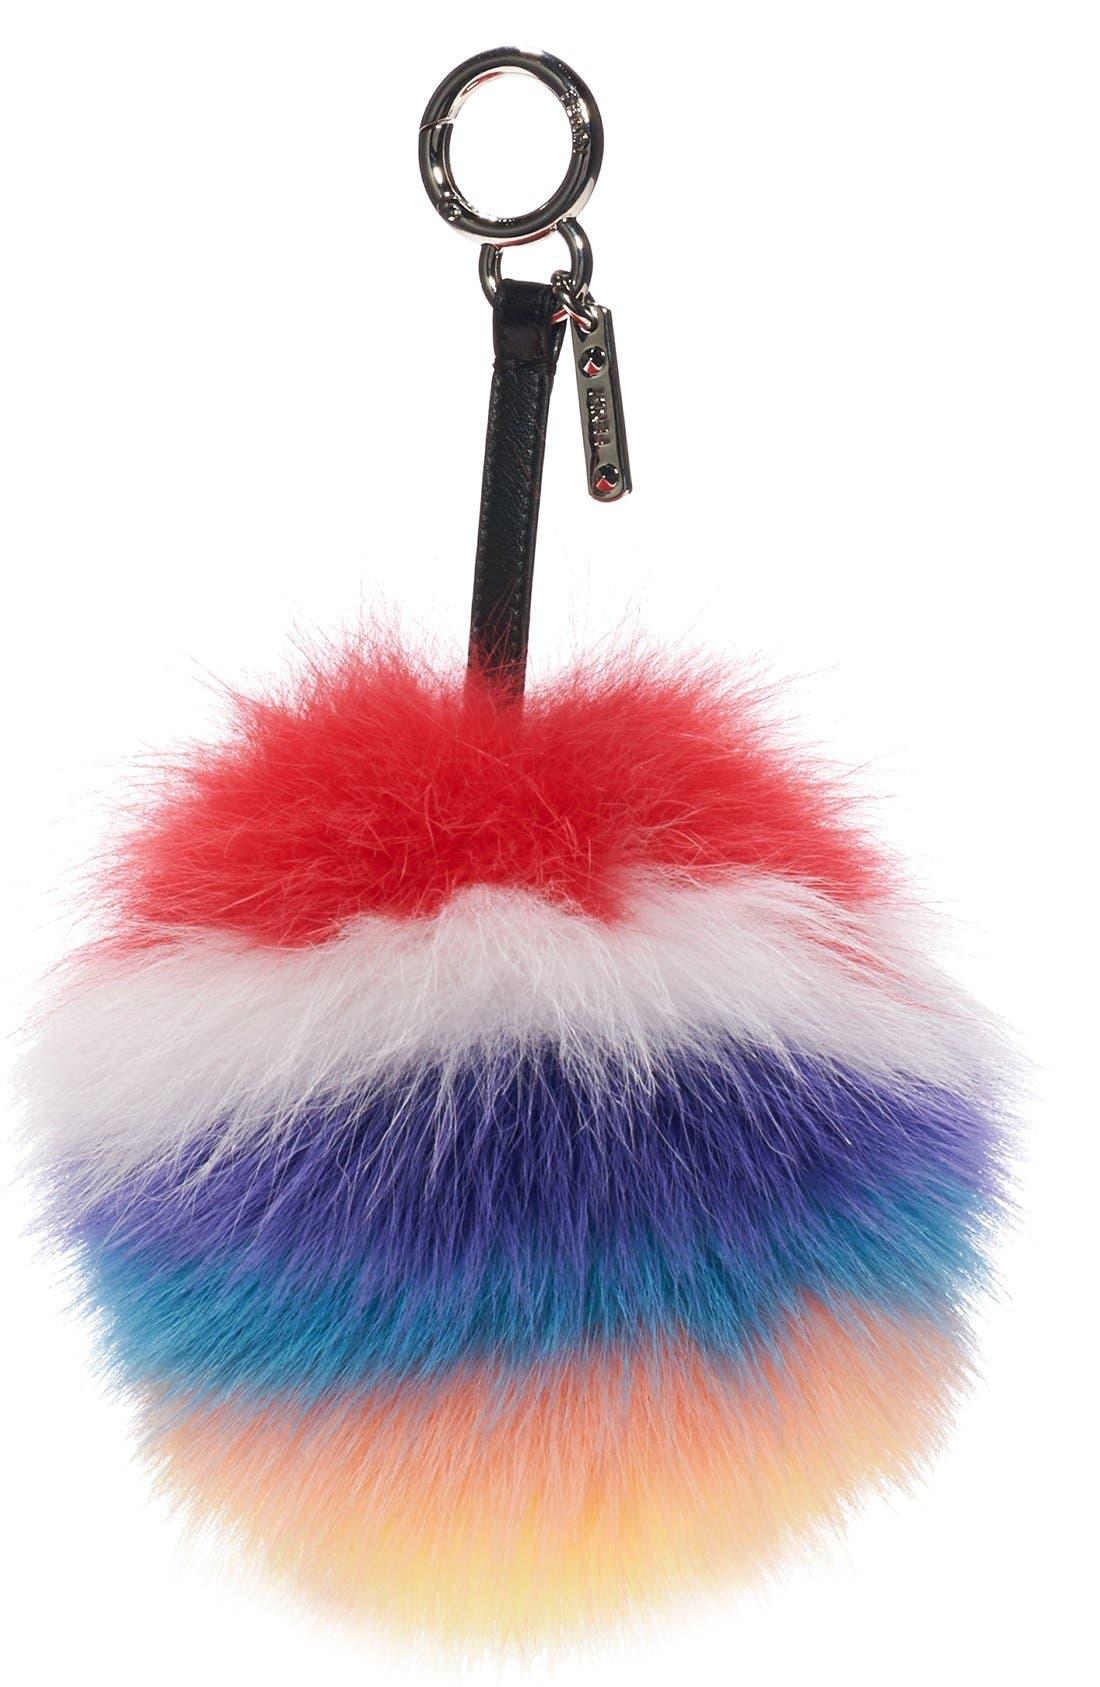 Main Image - Fendi Genuine Fox Fur Bag Charm